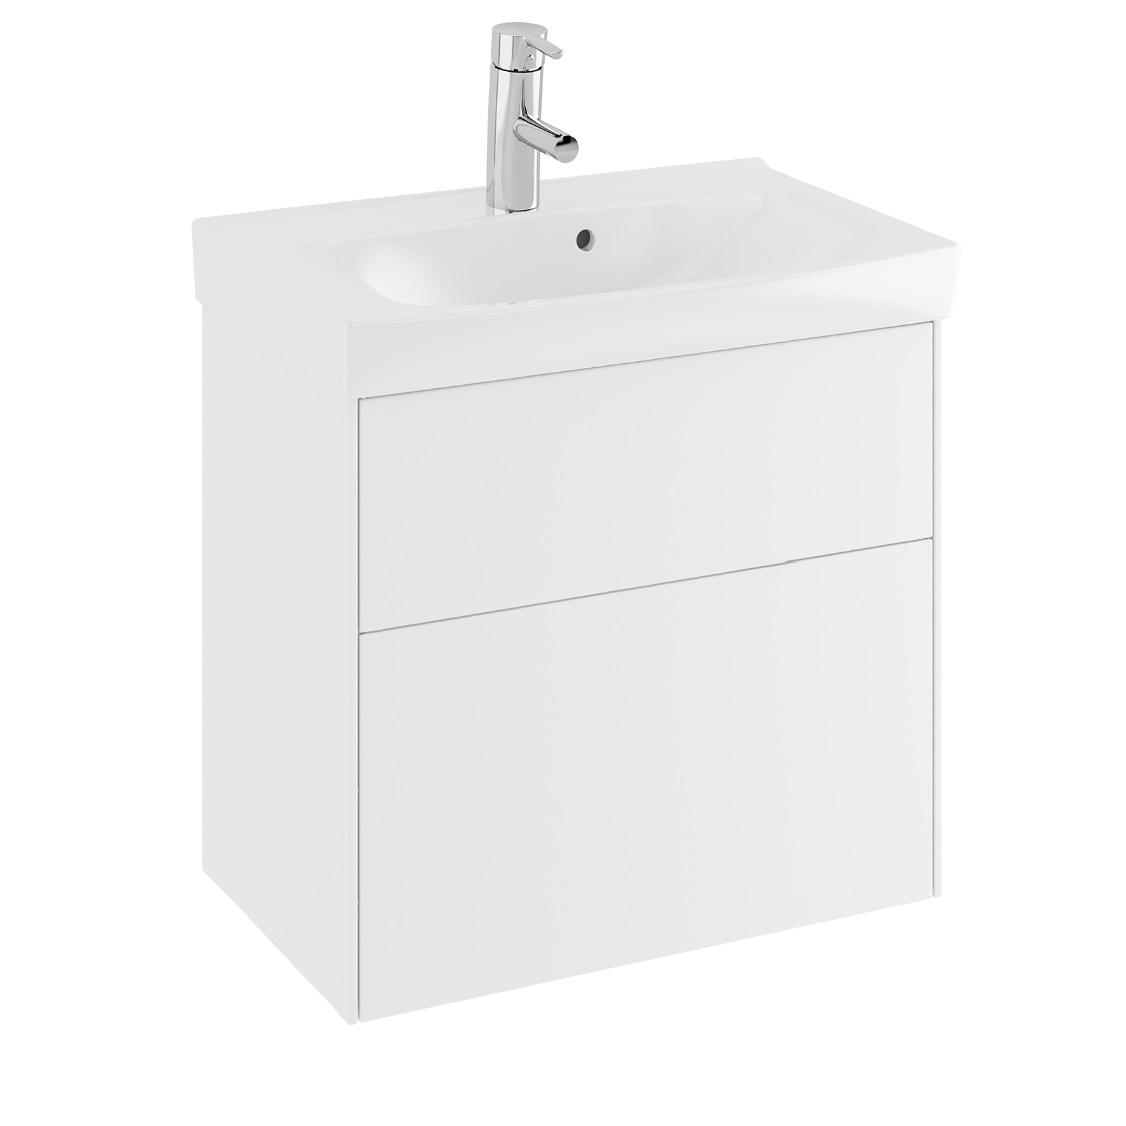 Tvättställsskåp Ifö Sense SPMP Compact